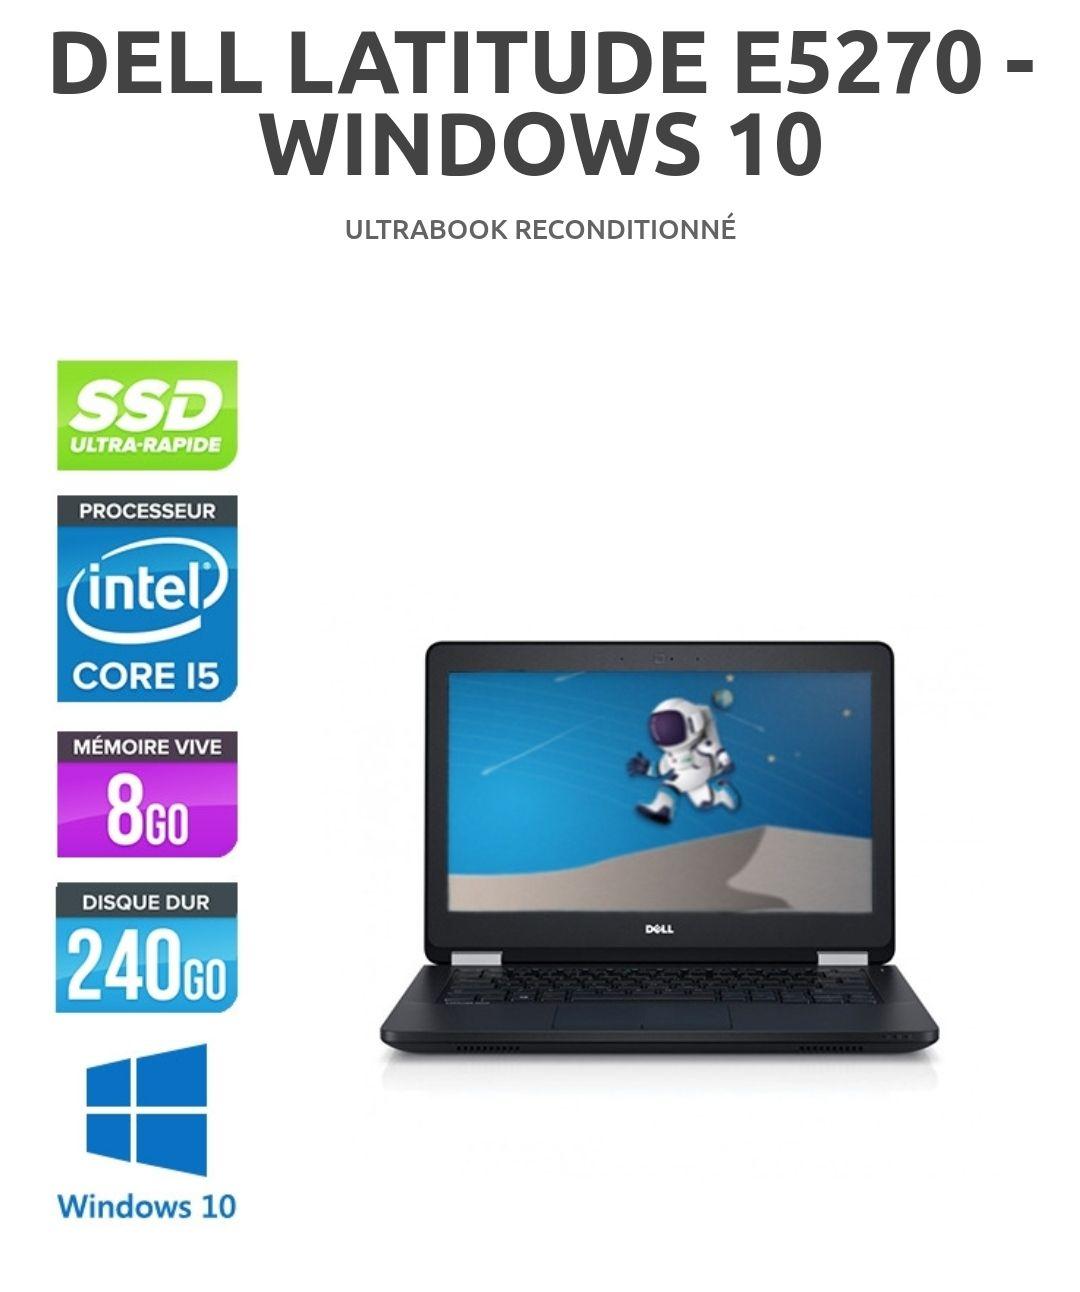 """PC Portable 12.5"""" Dell Latitude E5270 - i5-6300U, 8Go RAM DDR4, 240Go SSD, HD LED, WiFi, Windows 10 (Reconditionné)"""